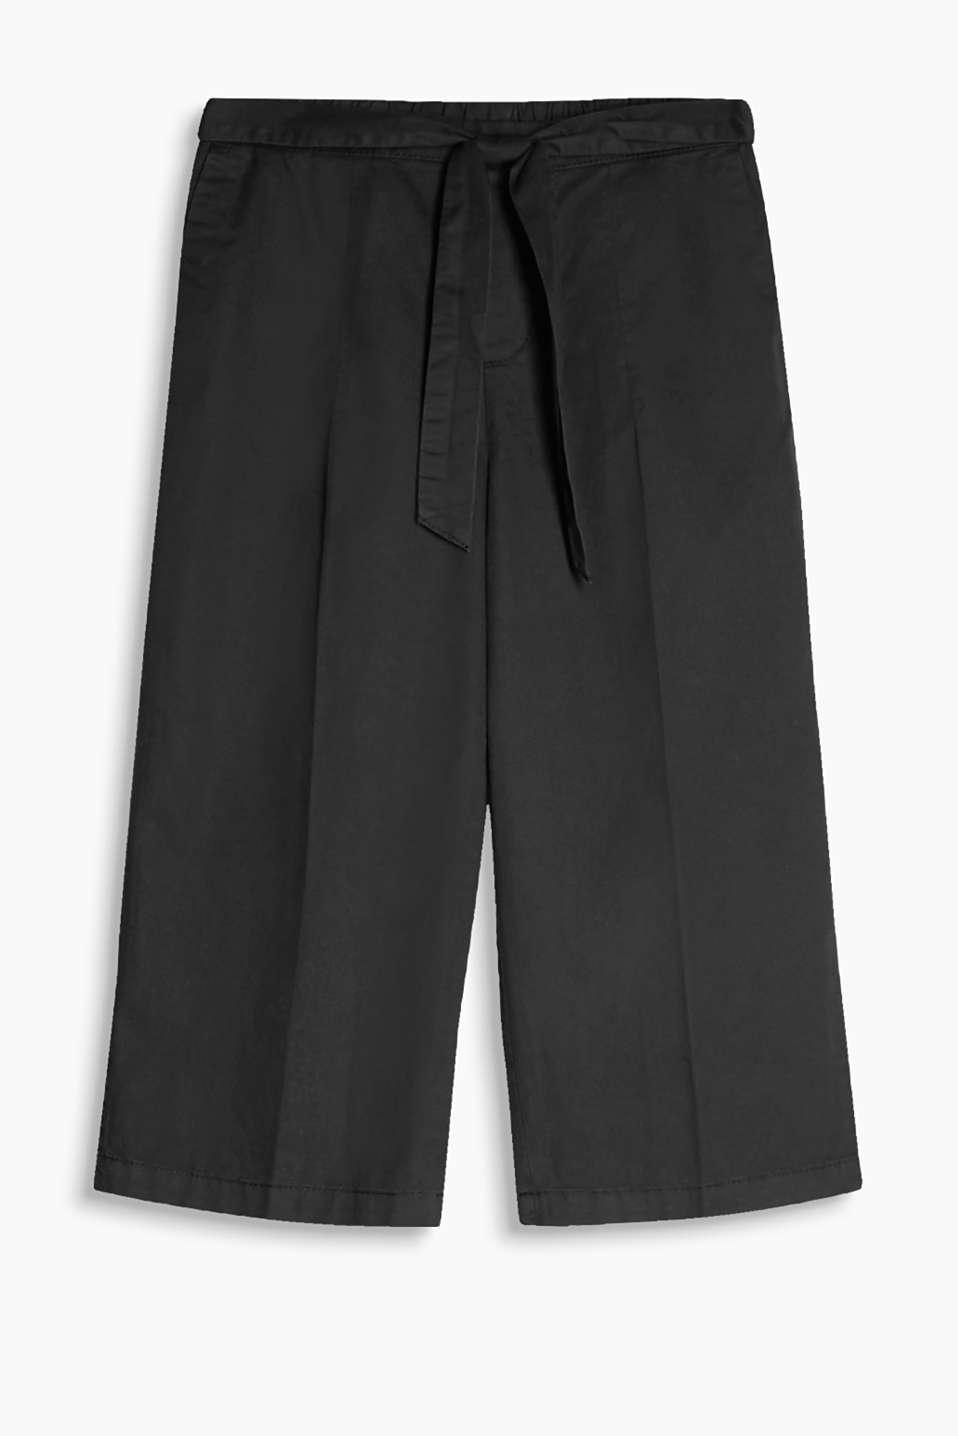 esprit jupe culotte fluide 100 coton acheter sur la boutique en ligne. Black Bedroom Furniture Sets. Home Design Ideas